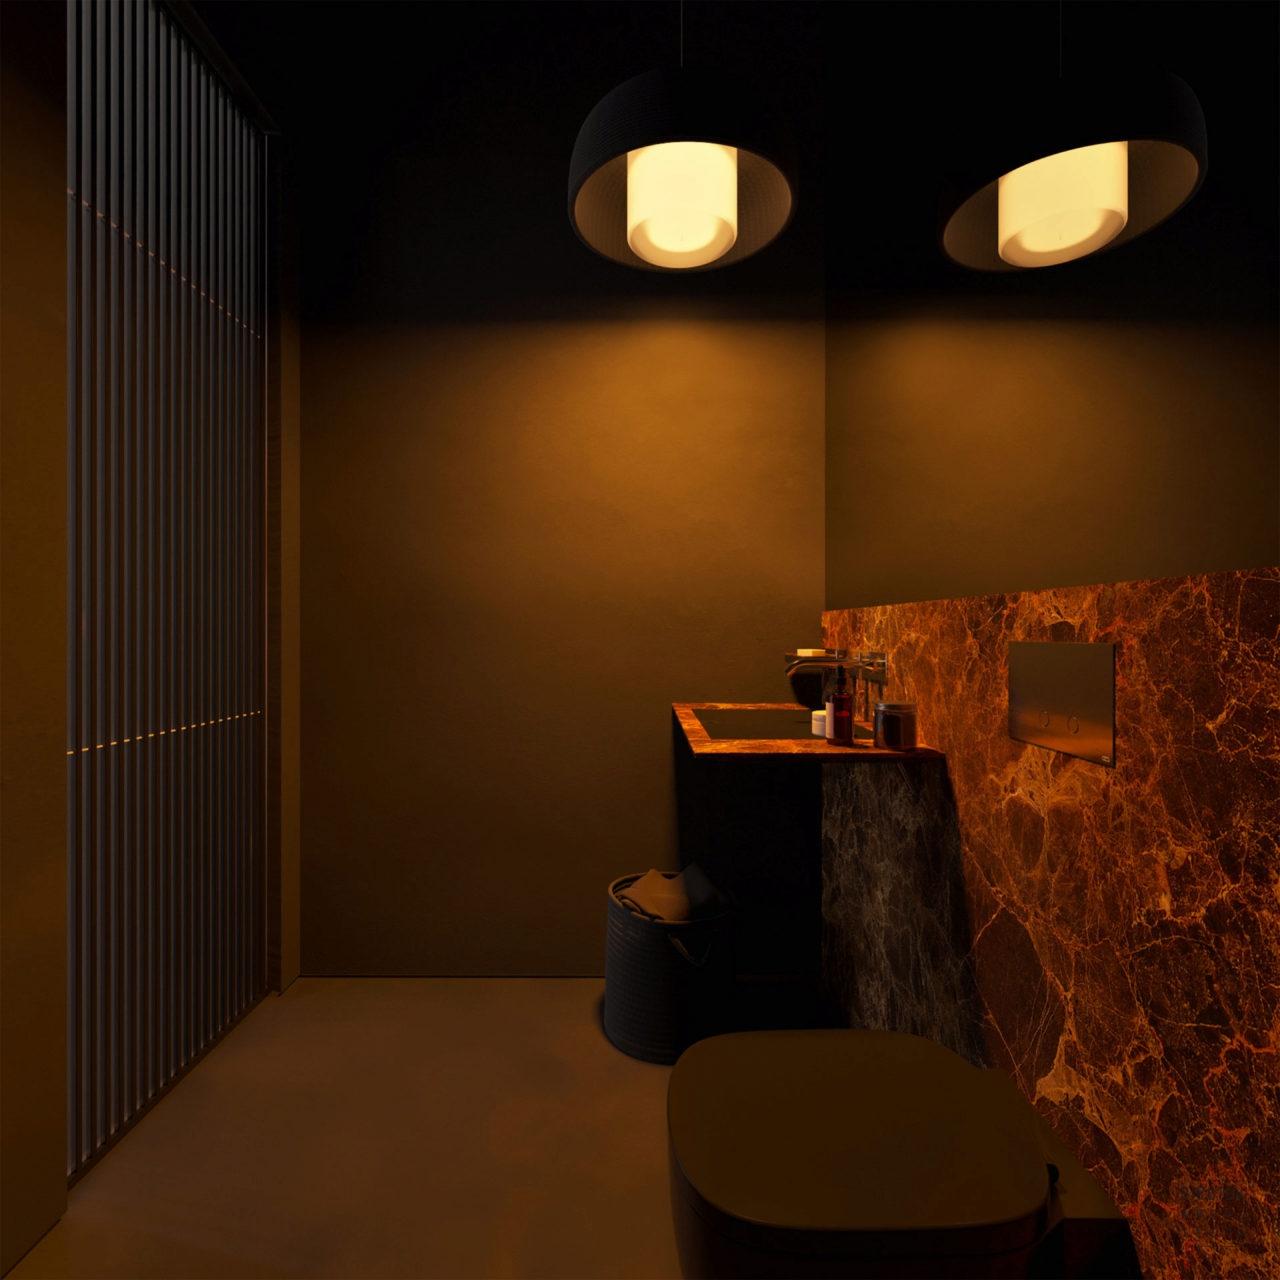 De inrichting van deze woning straalt pure perfectie uit fem fem - Donker mozaieken badkamer ...